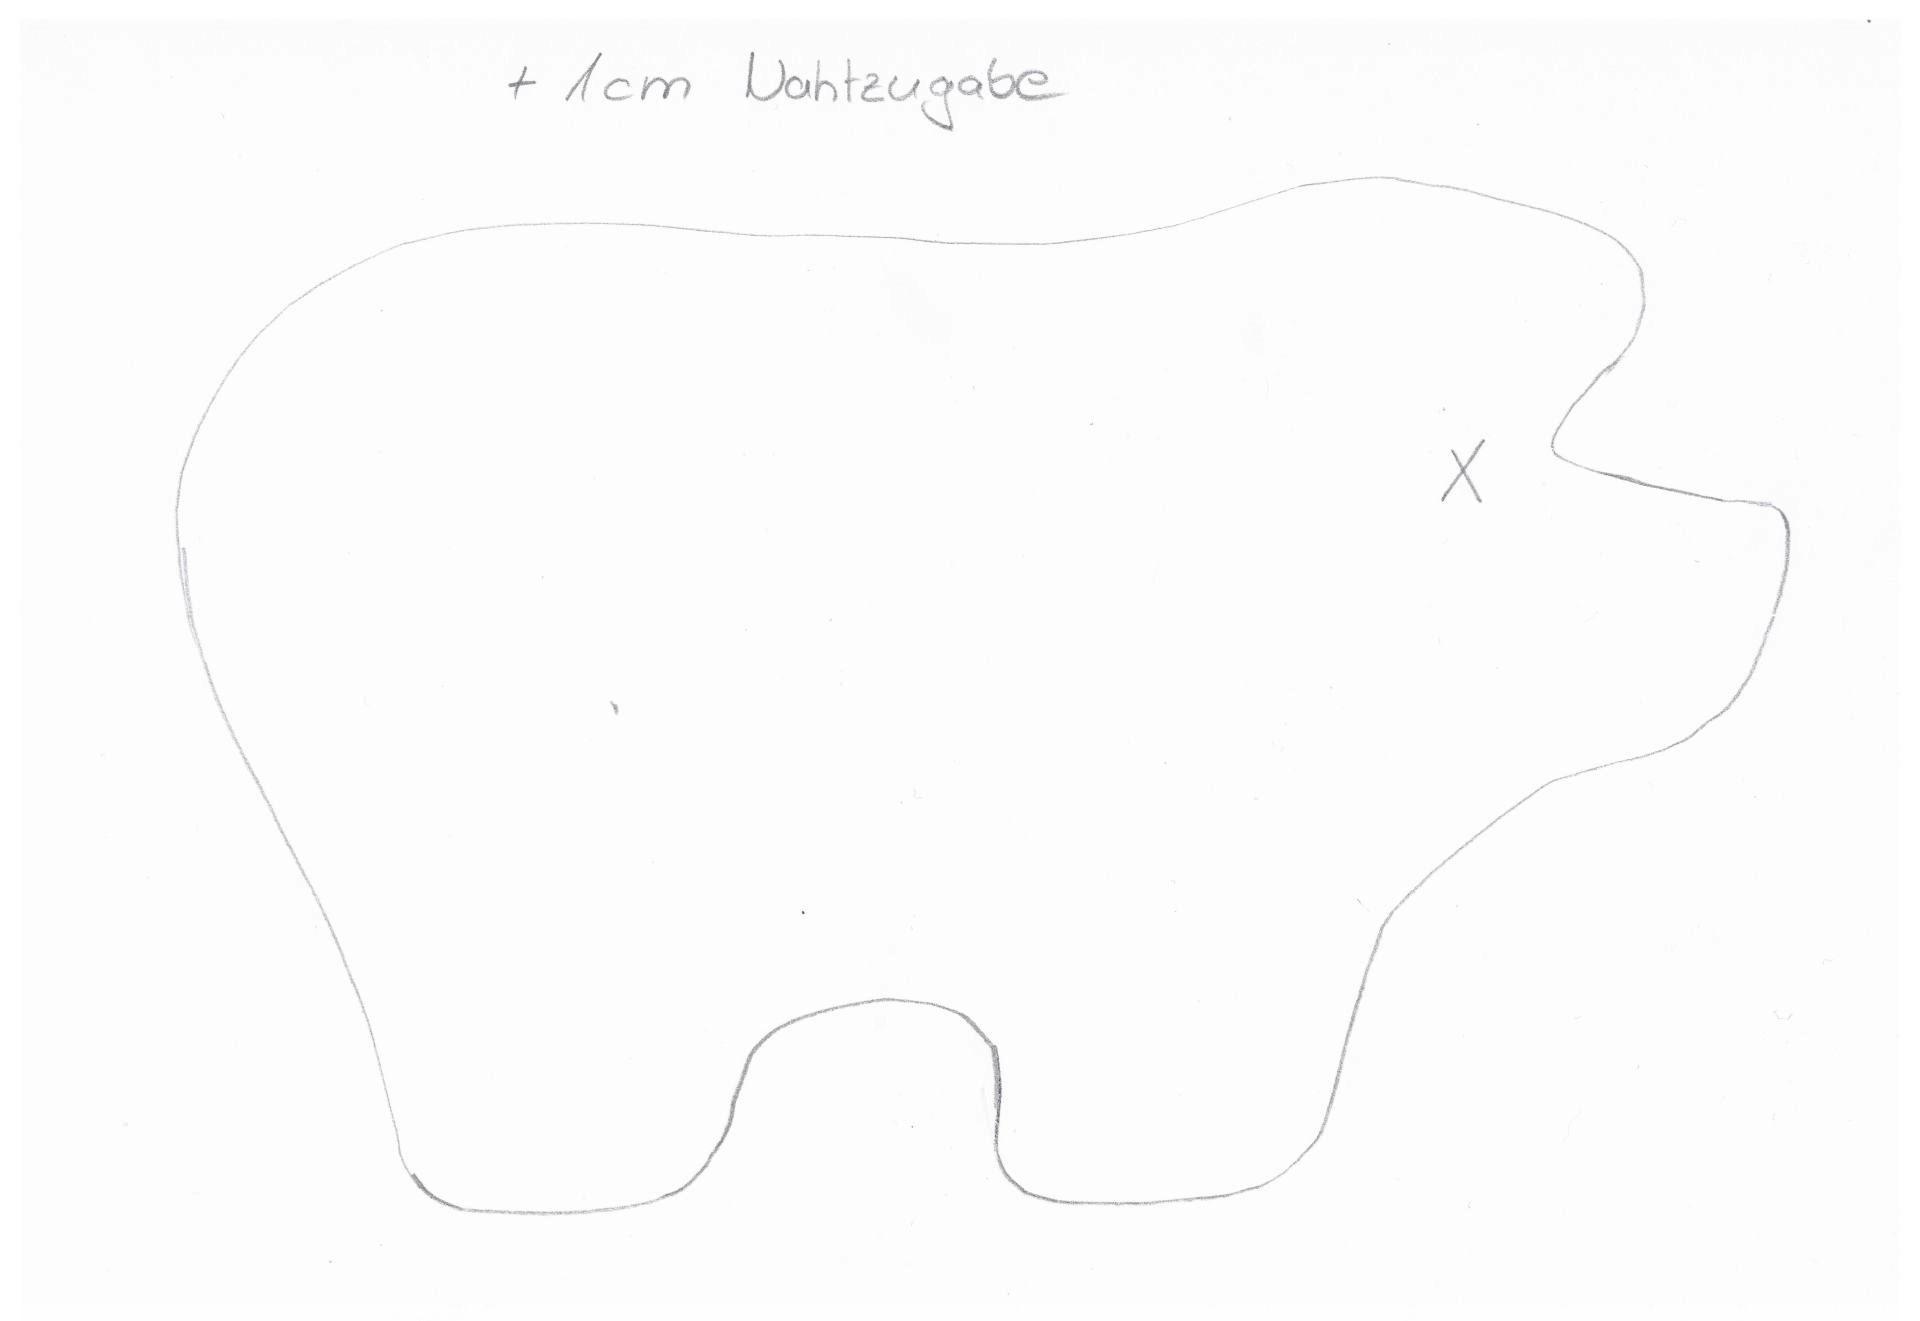 Fantastisch Mode Skizzen Vorlagen Bilder - Beispielzusammenfassung ...